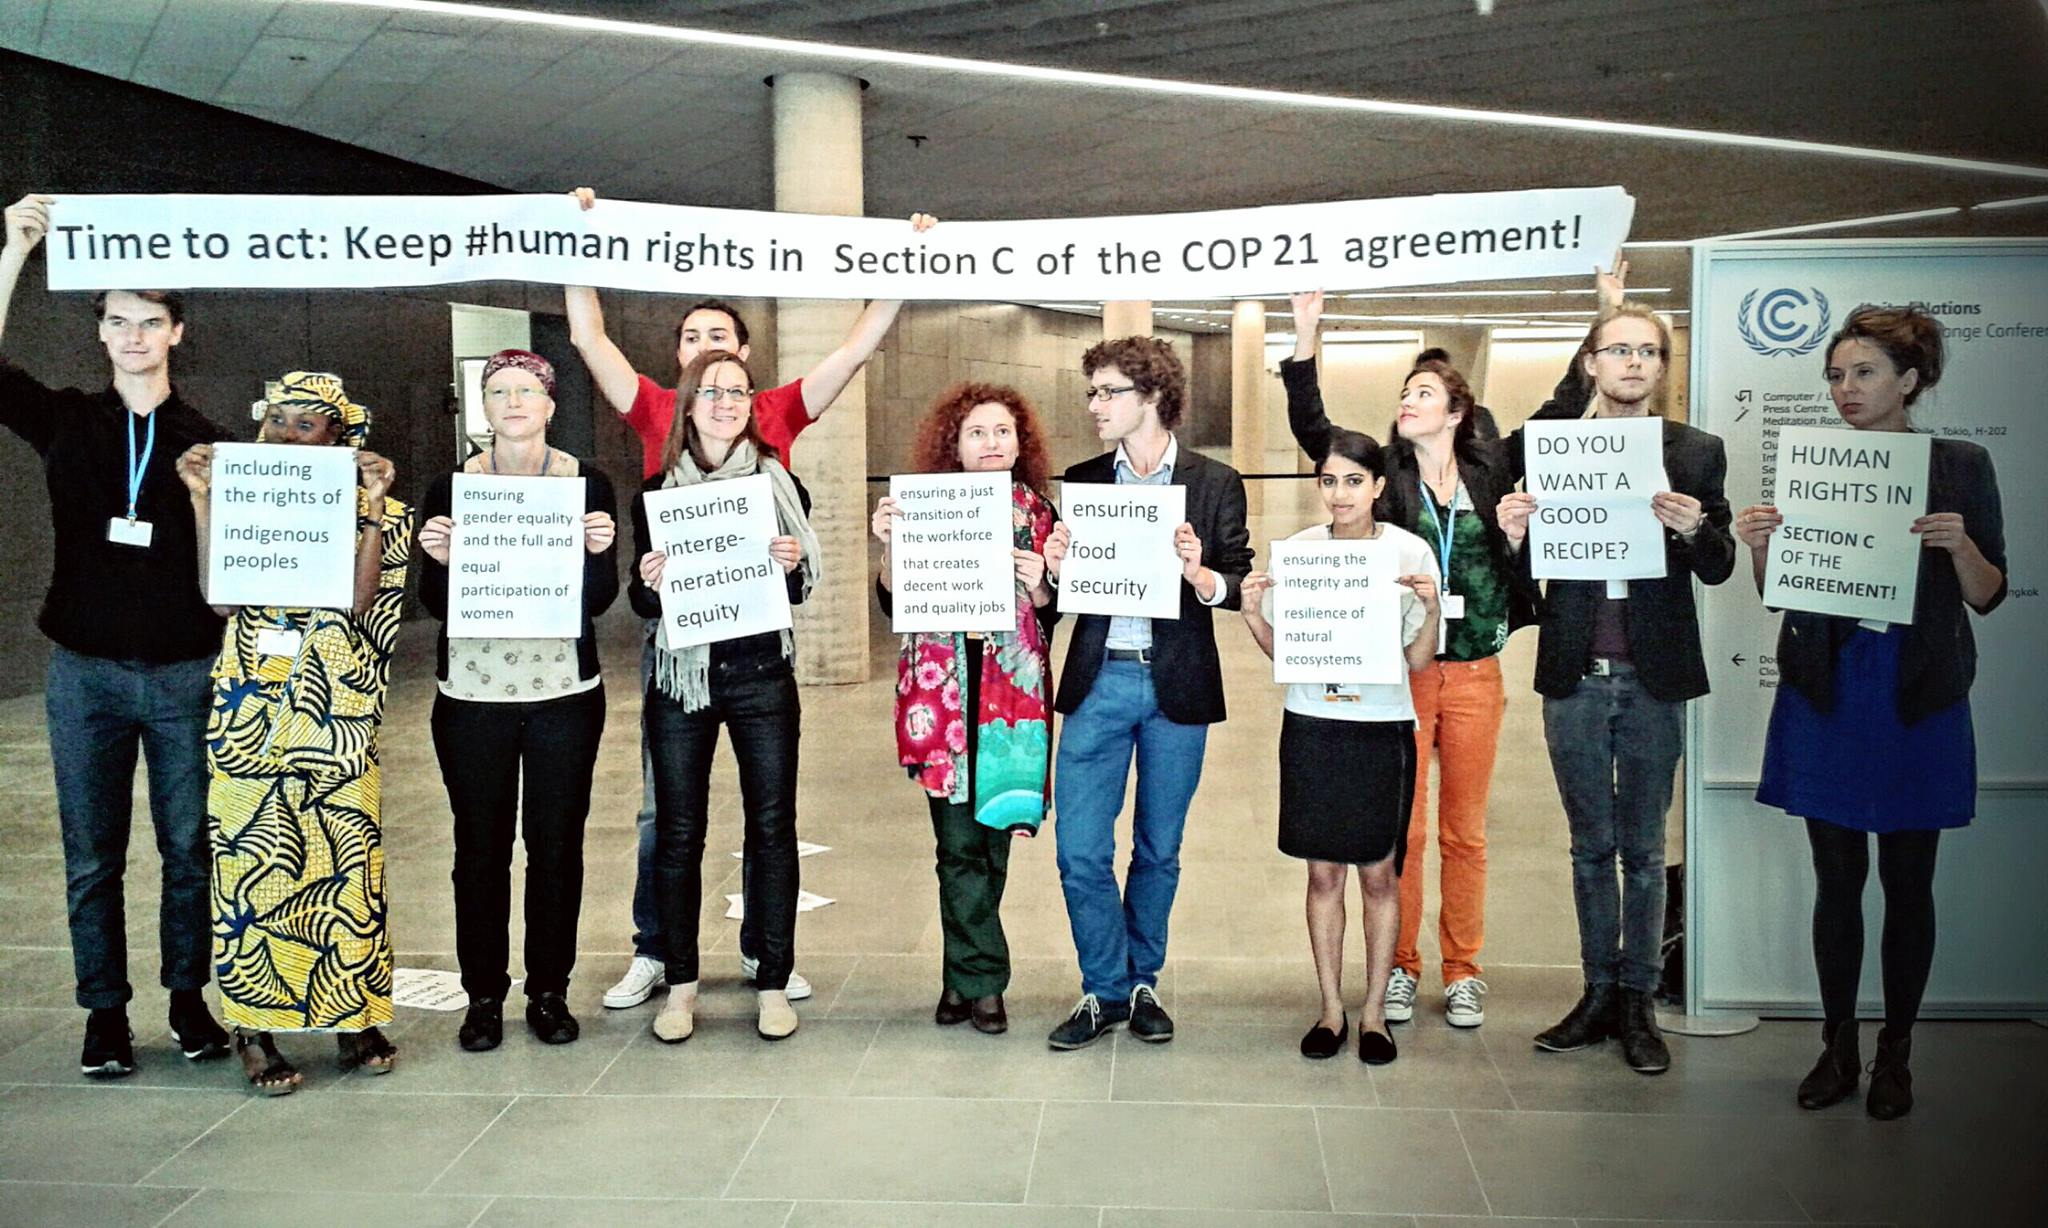 La società civile supporta la presenza dei diritti umani nel testo - (C) Anton Jaekel